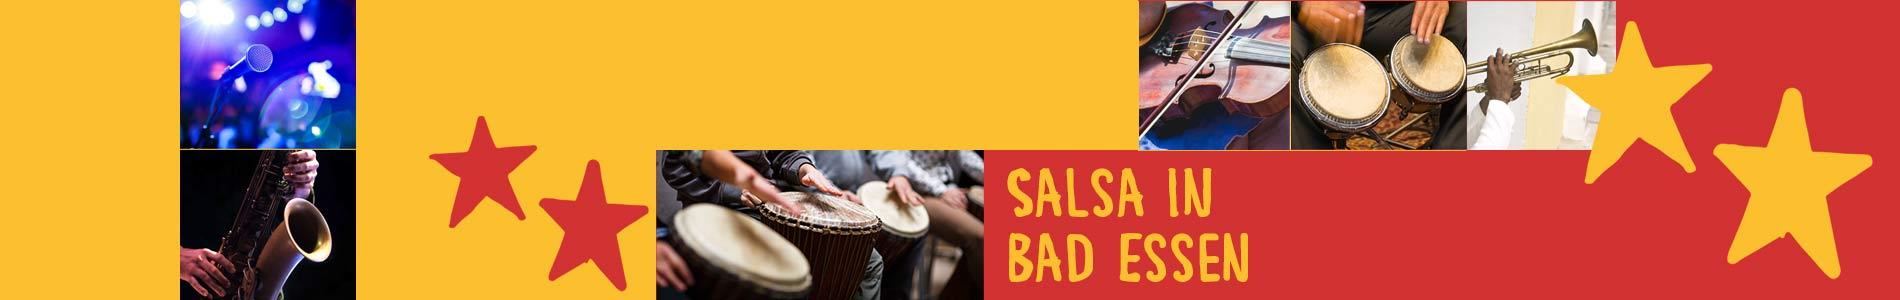 Salsa in Bad Essen – Salsa lernen und tanzen, Tanzkurse, Partys, Veranstaltungen